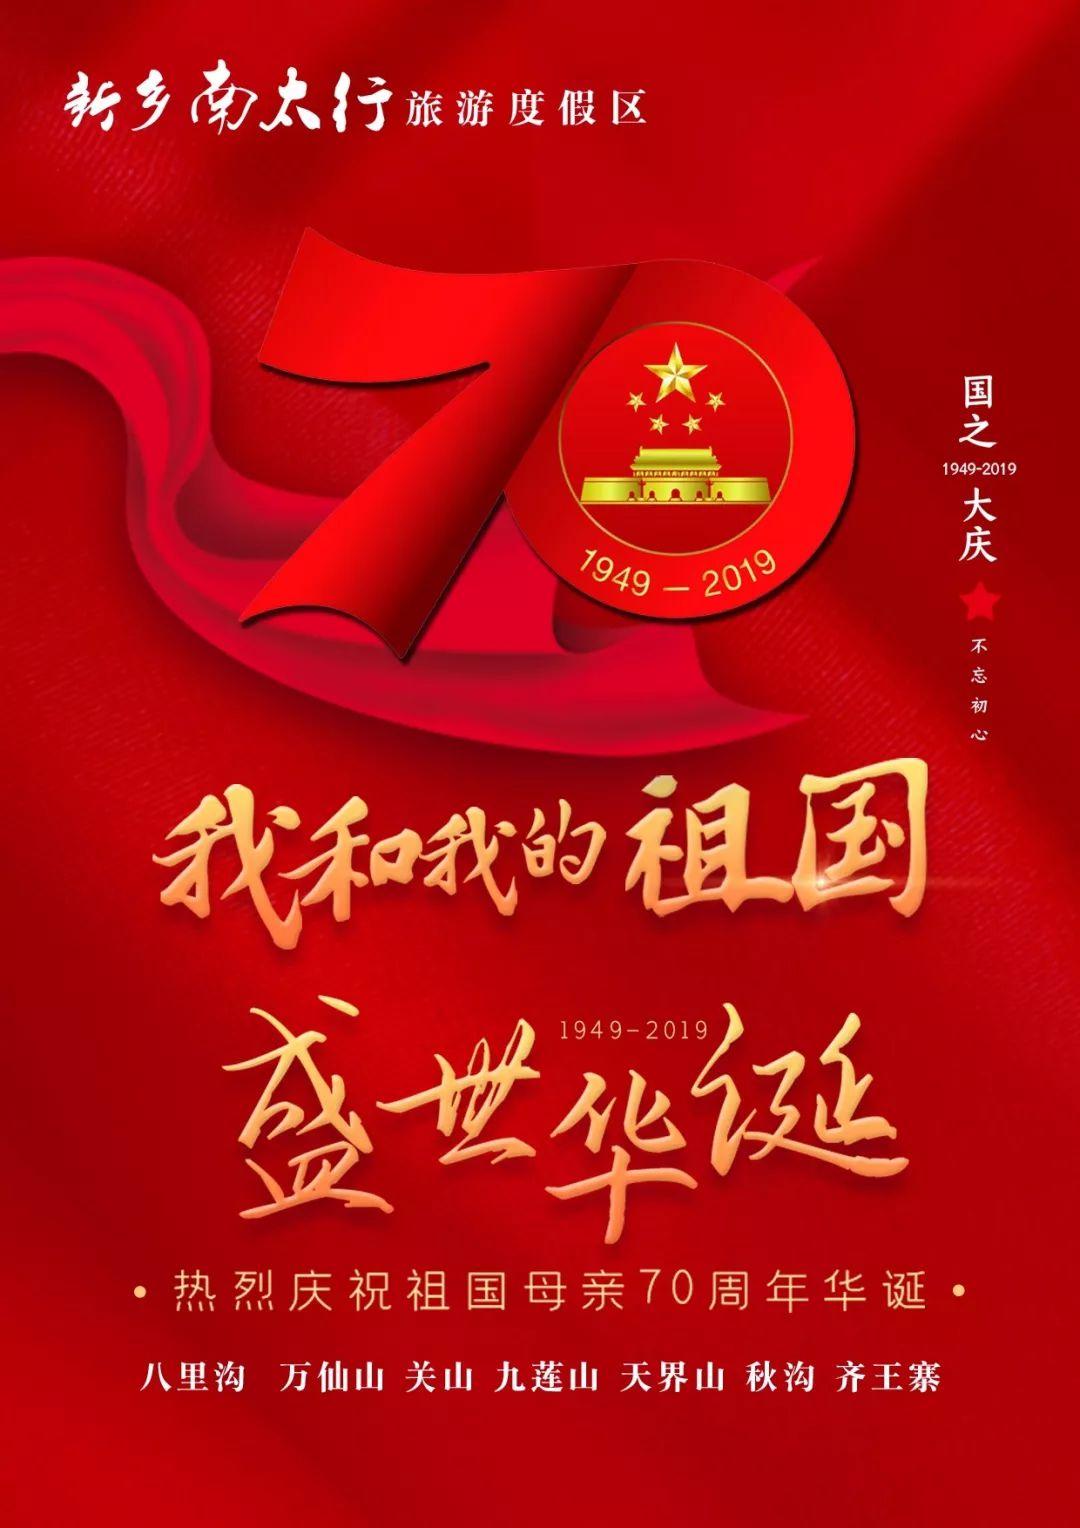 十一特辑|举国欢庆贺华诞,红色舞动南太行!